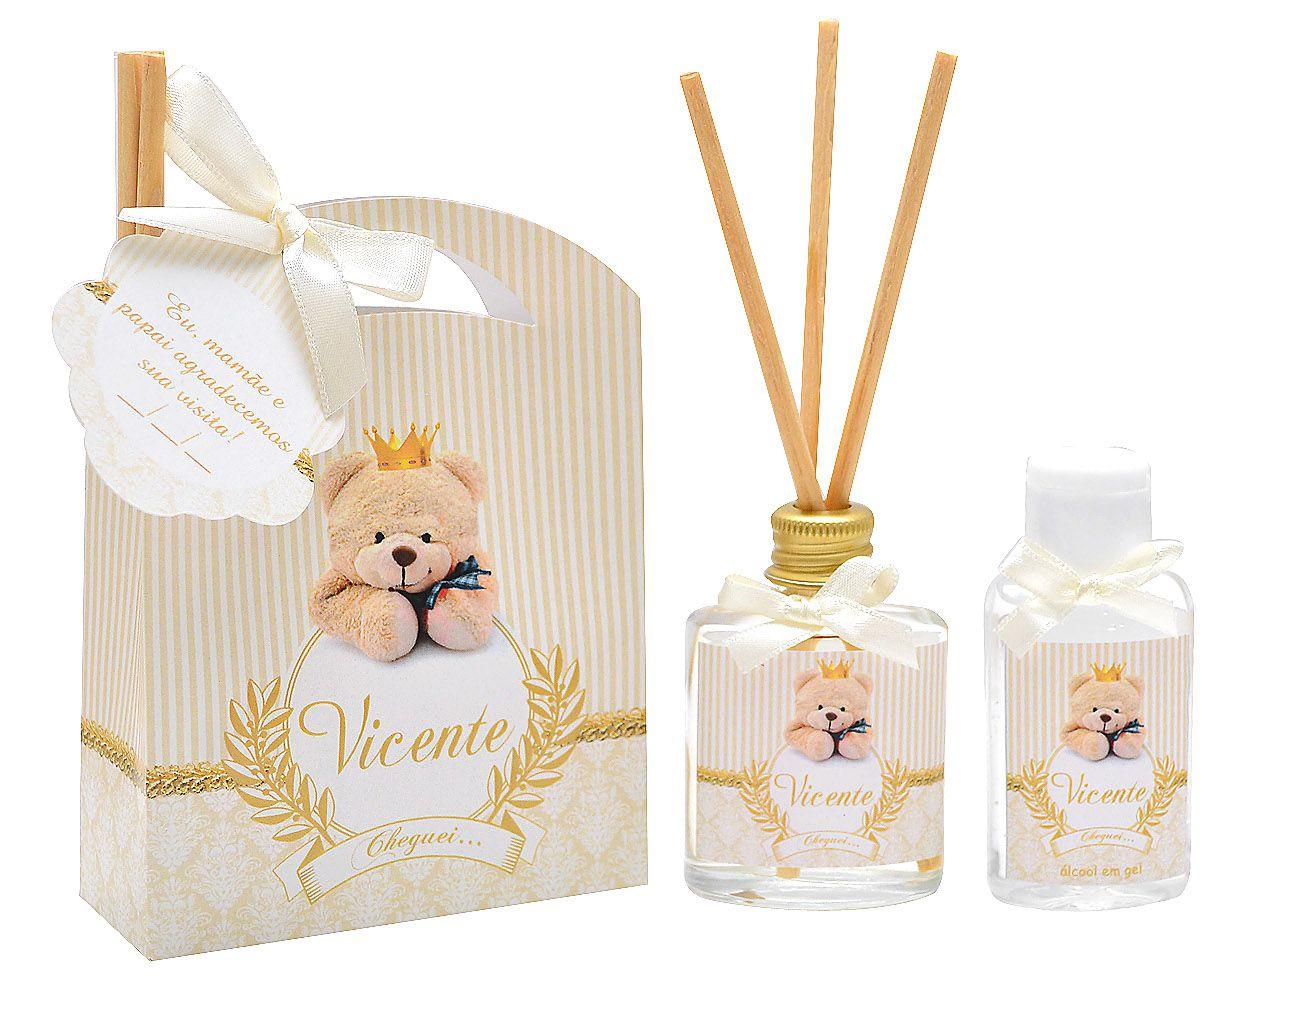 10 Lembrancinhas personalizadas caixinha com difusor e ambiente e álcool em gel tema ursinho rei  - Valentina Milan Lembrancinhas